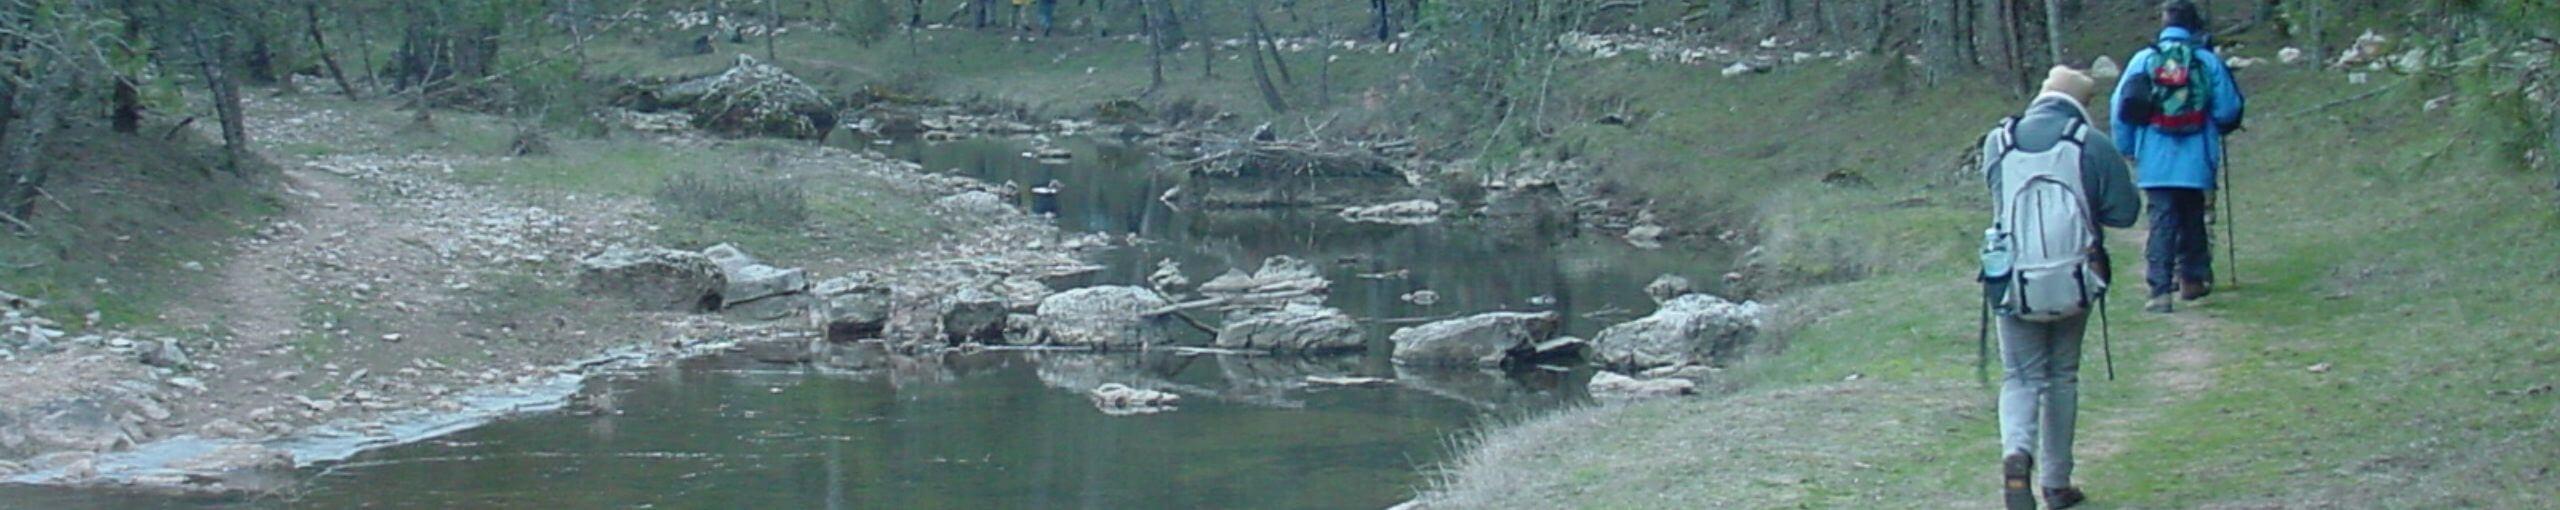 Parque Natural cañón del río Lobos. Castilla y León.